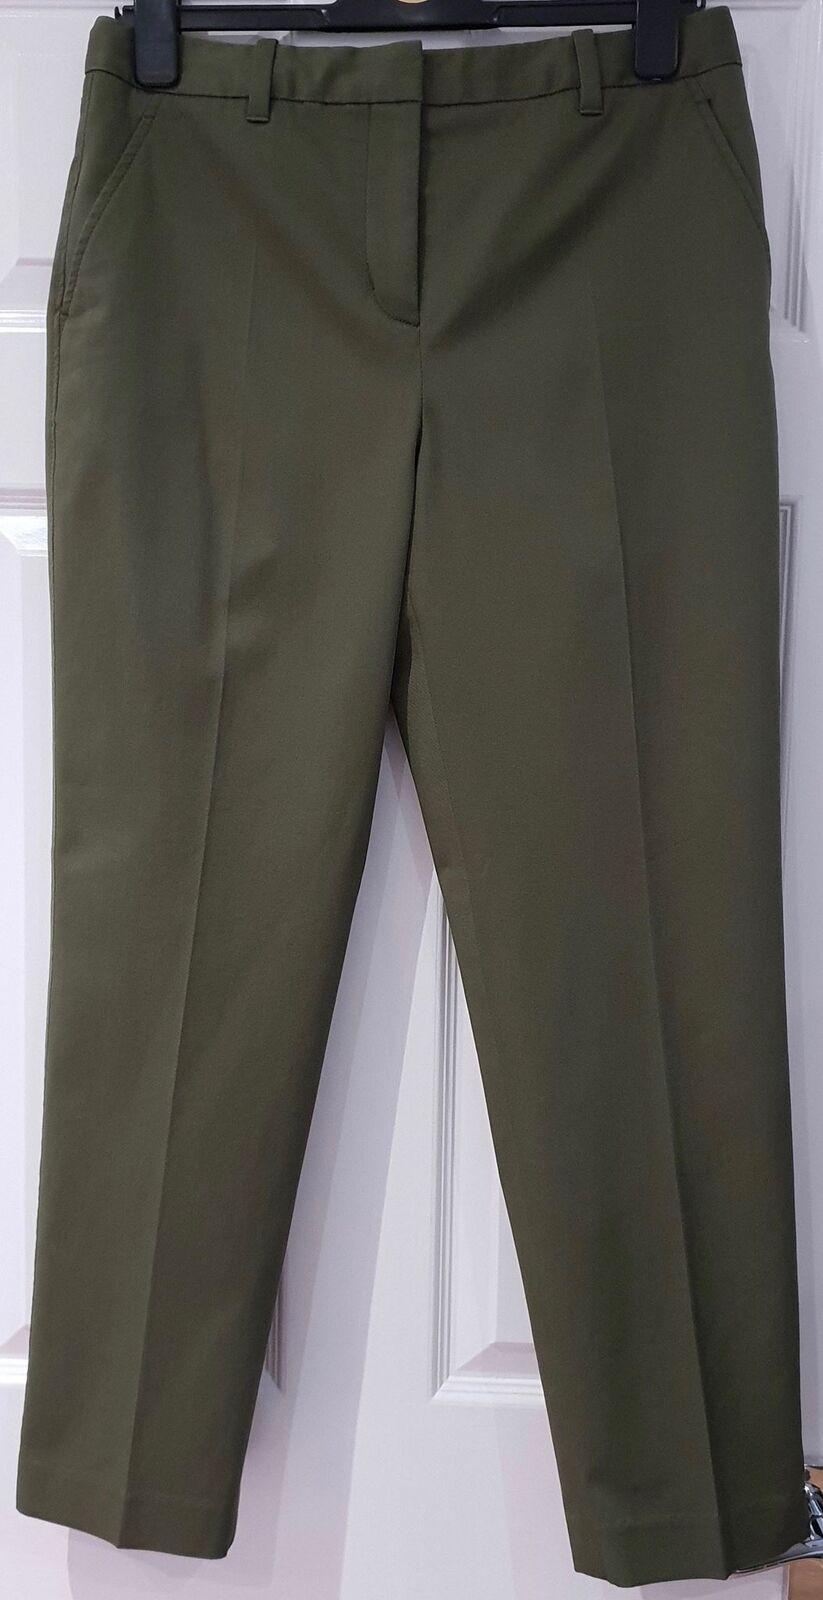 3.1 Phillip Lim Caqui  verde Mezcla de Algodón cultivo Capri Pantalones Pantalones cónicos 48  más orden